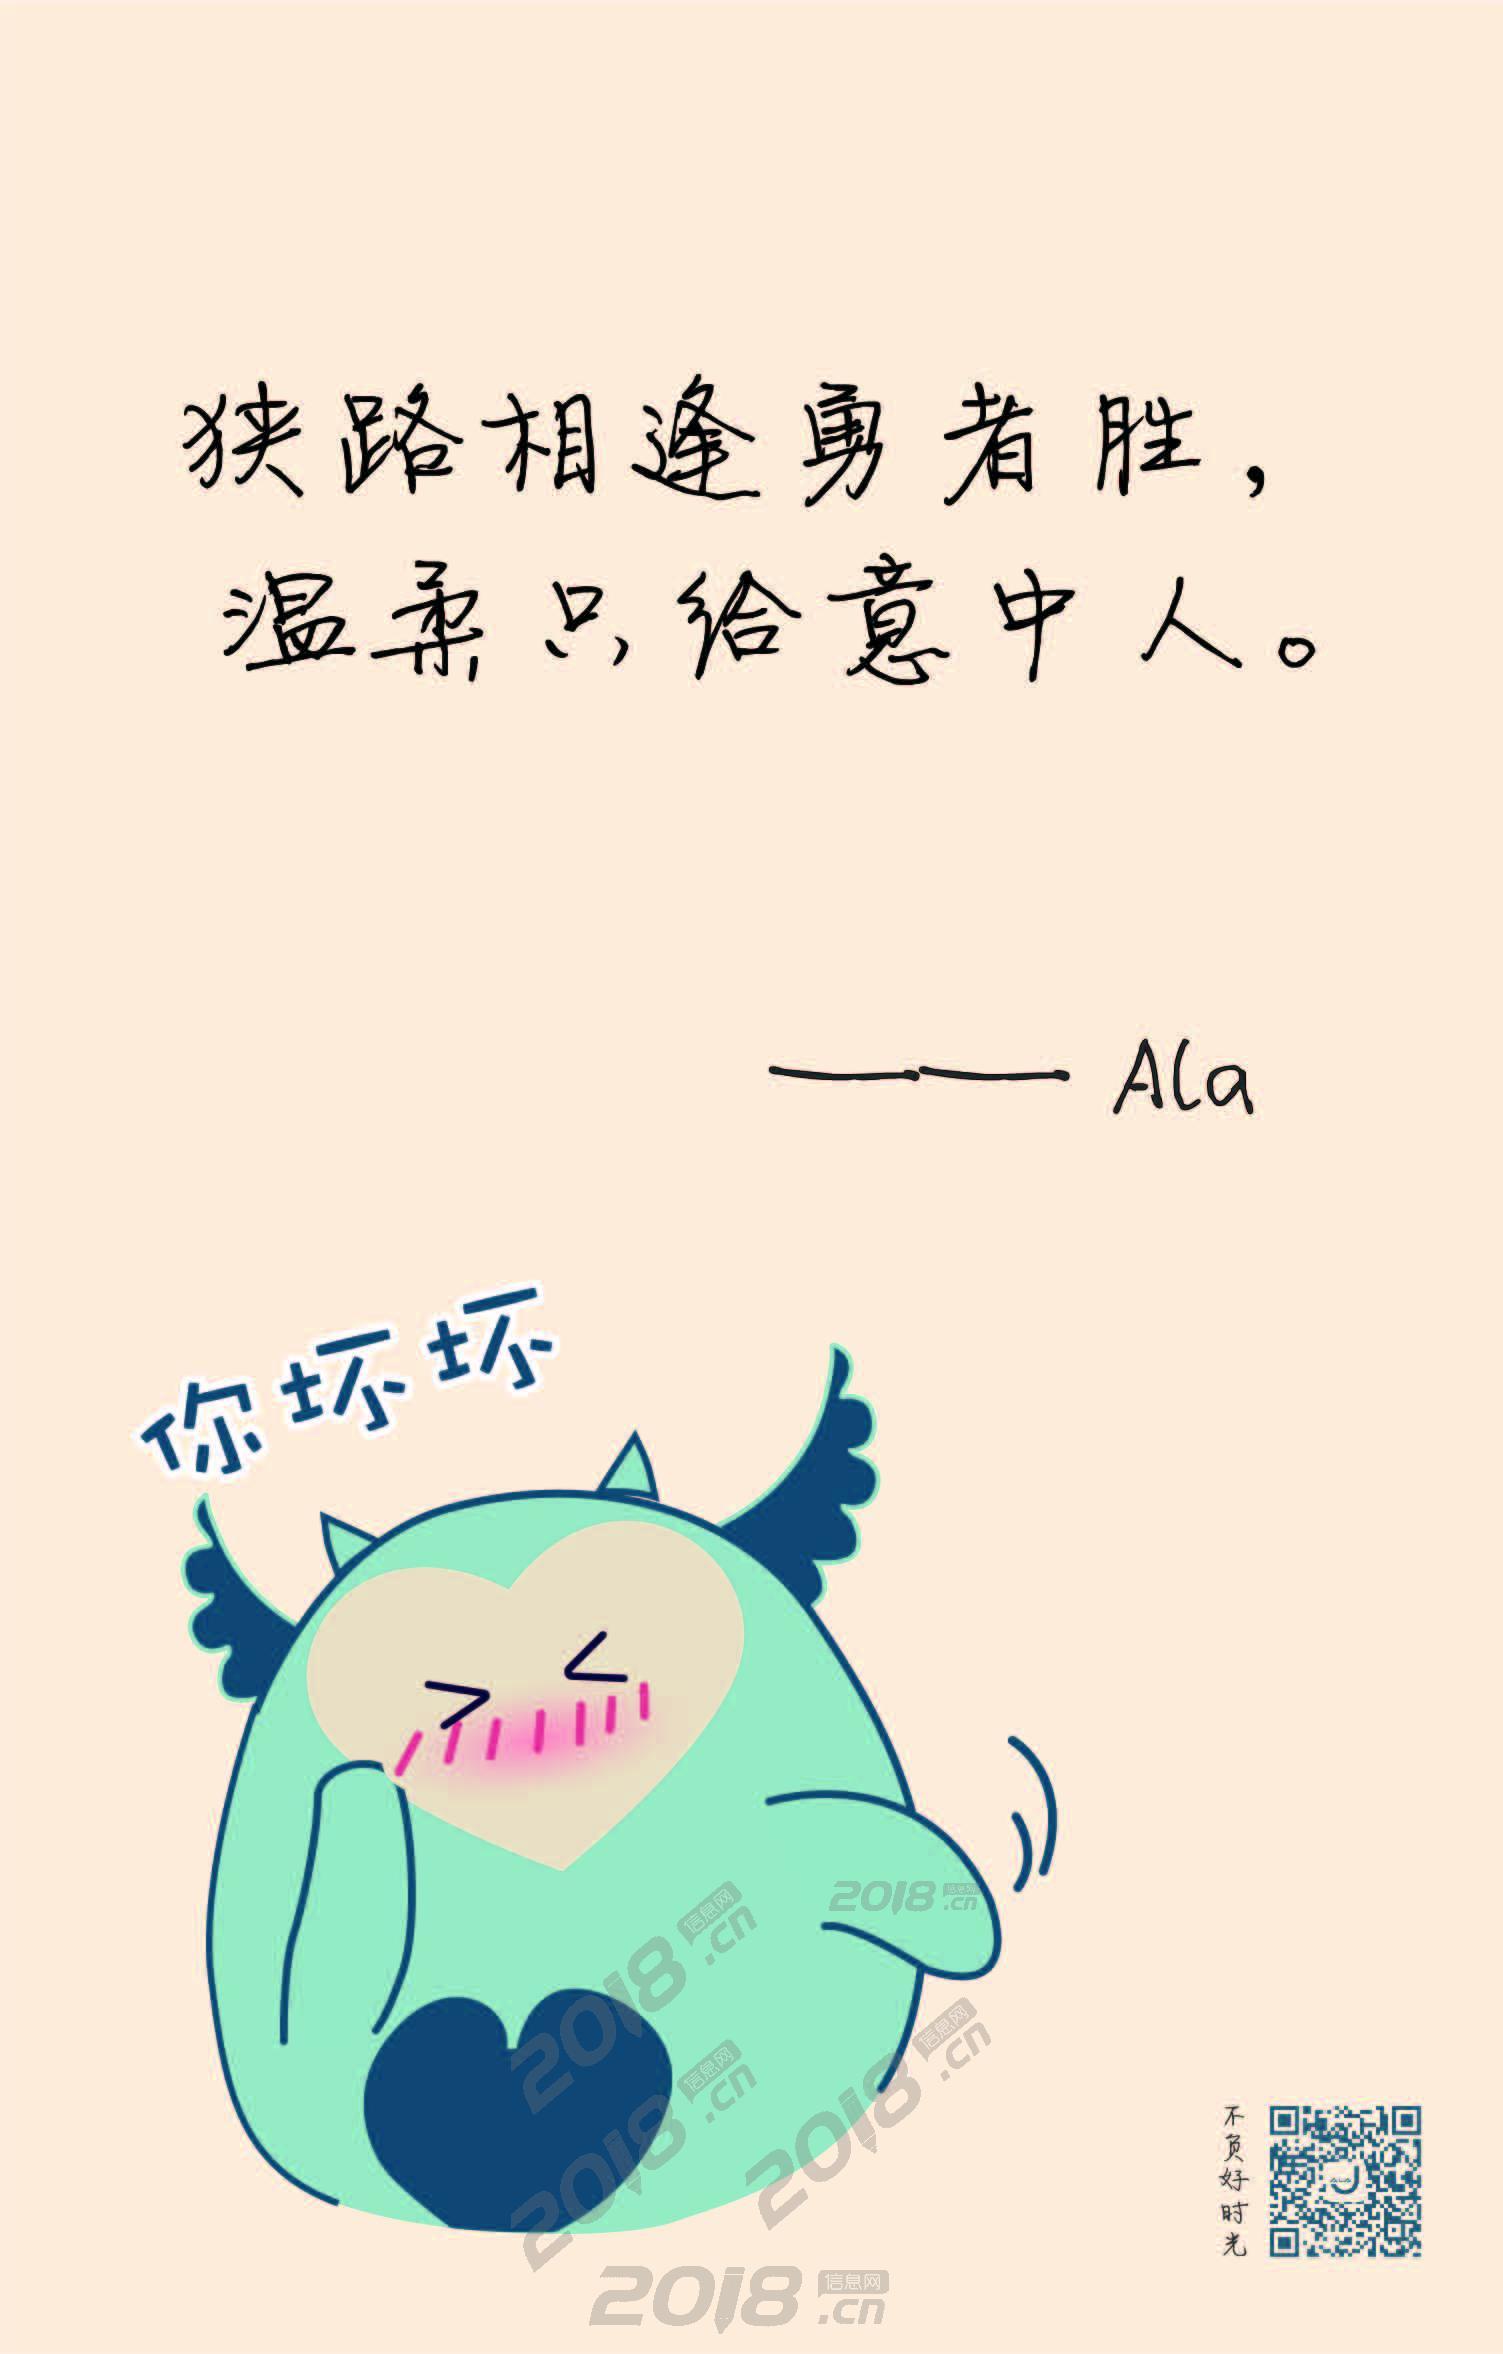 深圳阿拉卓盈酒店全怀化地区加盟推广